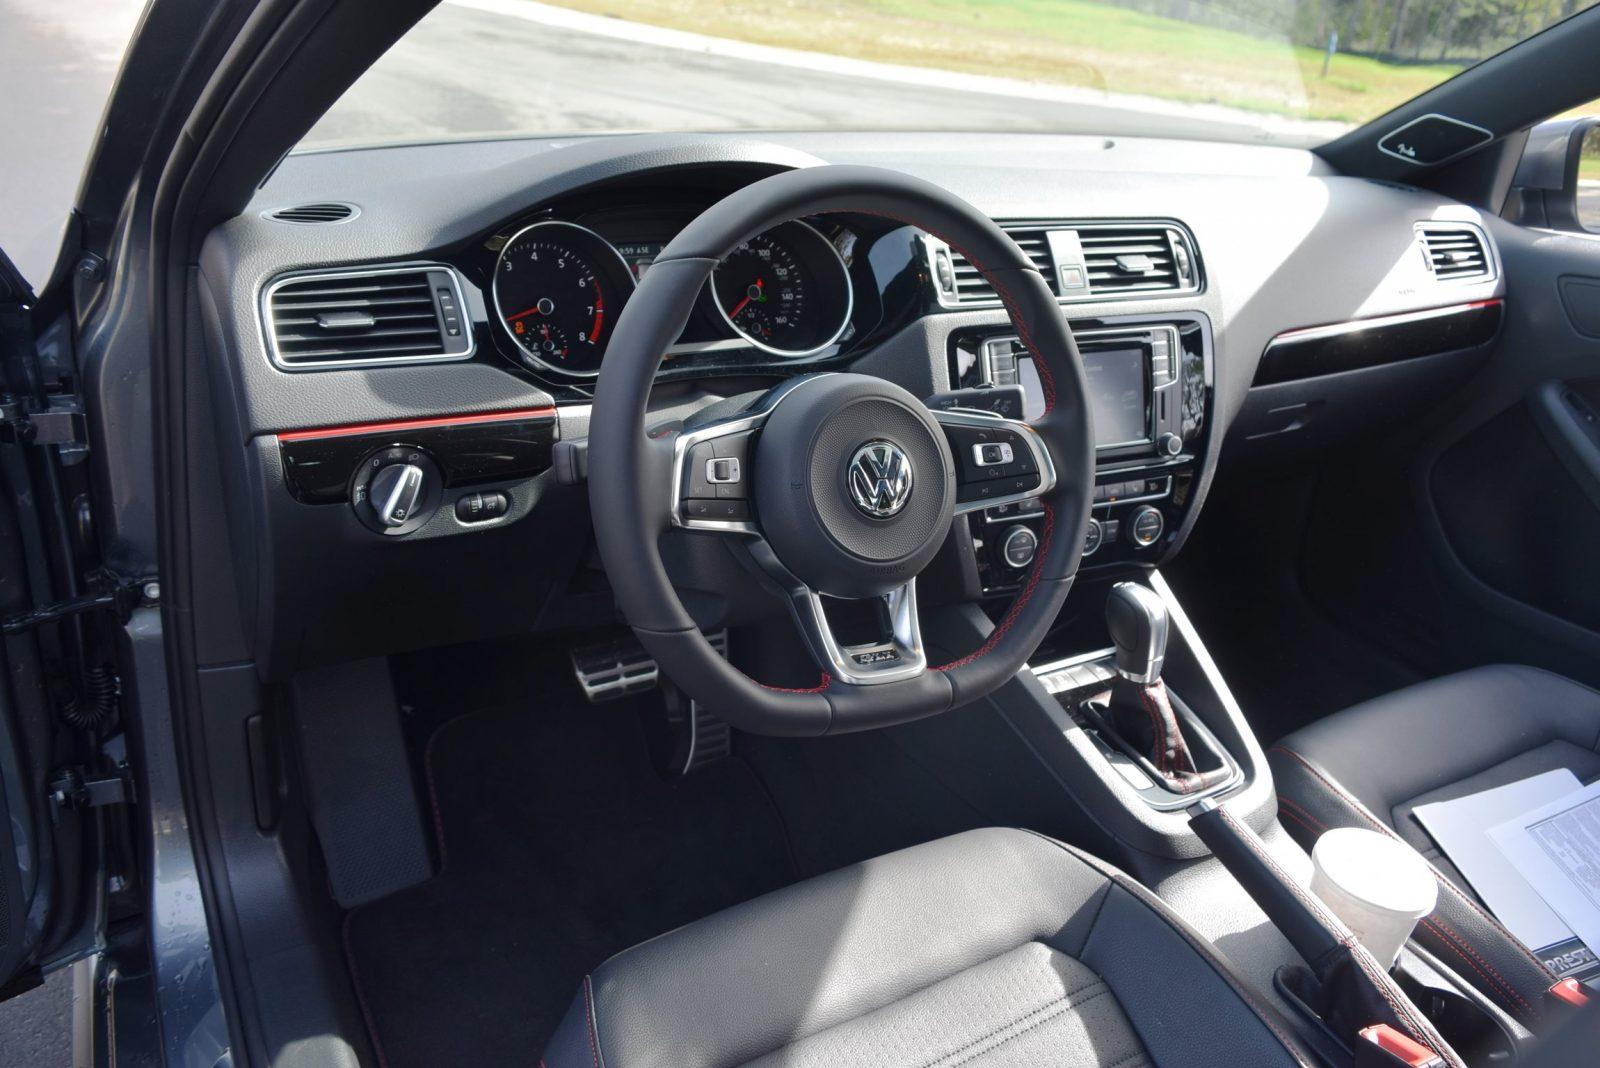 2017 Vw Jetta Gli Dsg Automatic Hd Road Test Review